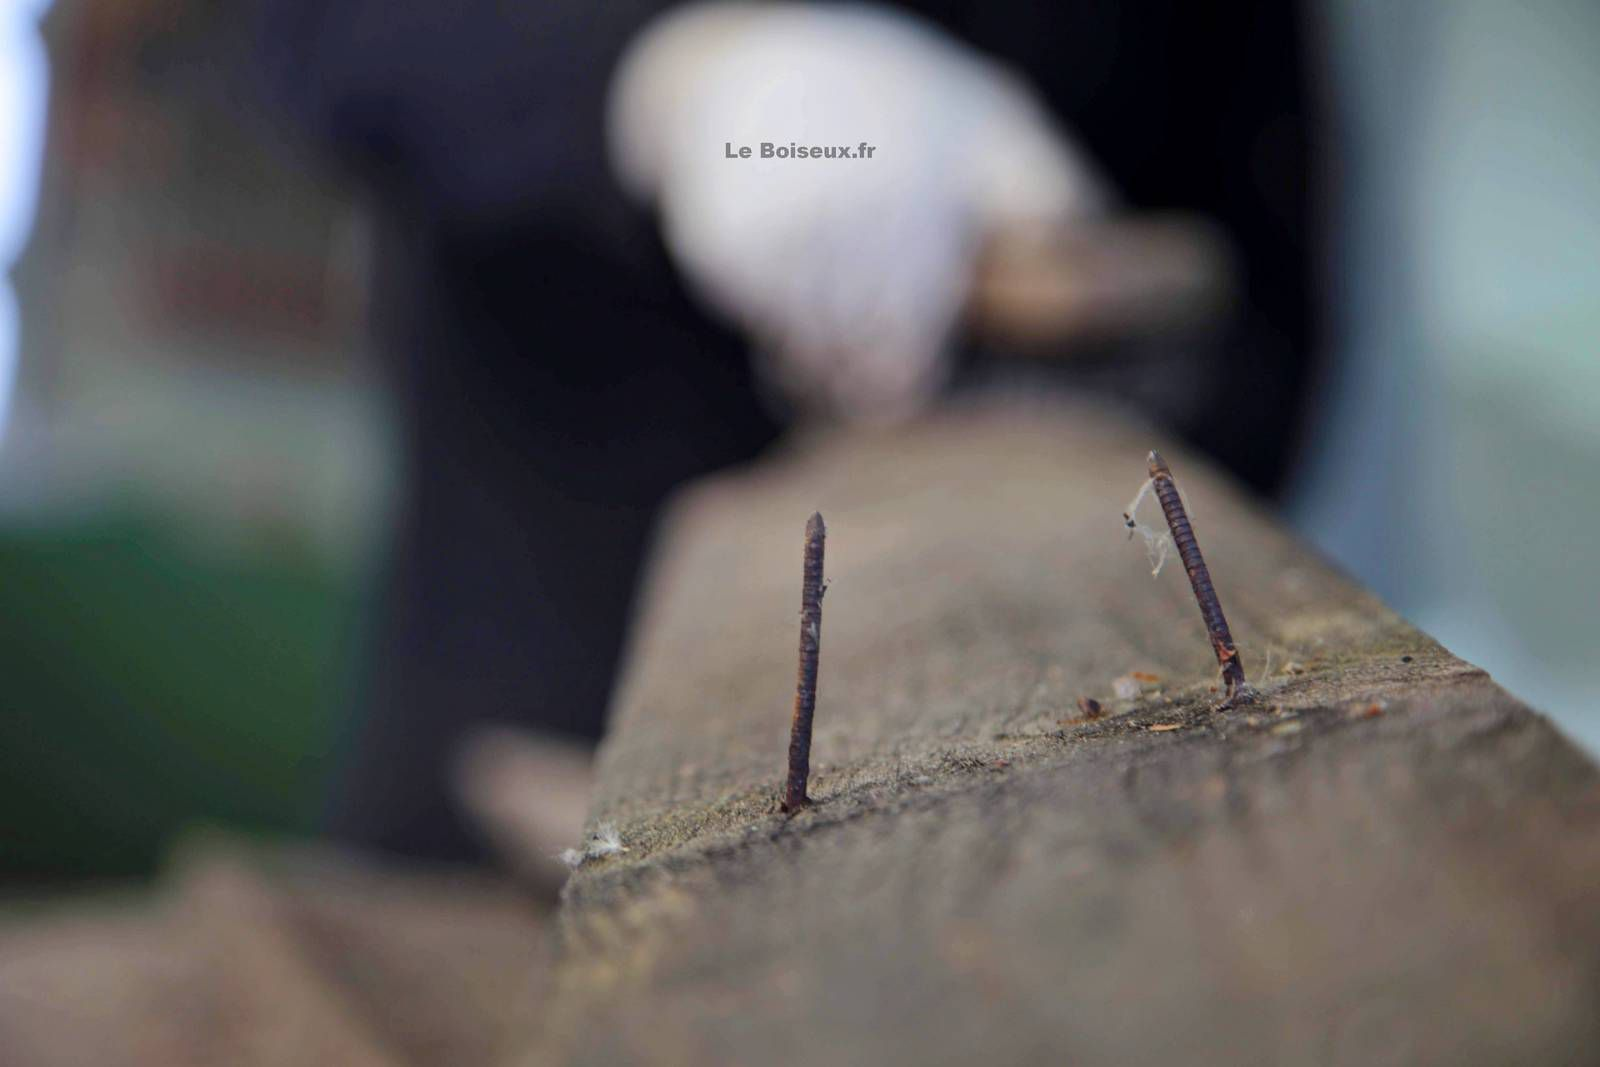 planche par planche, l'ouvrage que l'univers, sous les traits de Safia et Marc, avait commandé à l'artisan recycleur prend la forme d'un plateau de table de salle à manger, une étendue de bois de ville aux proportions exceptionnelles